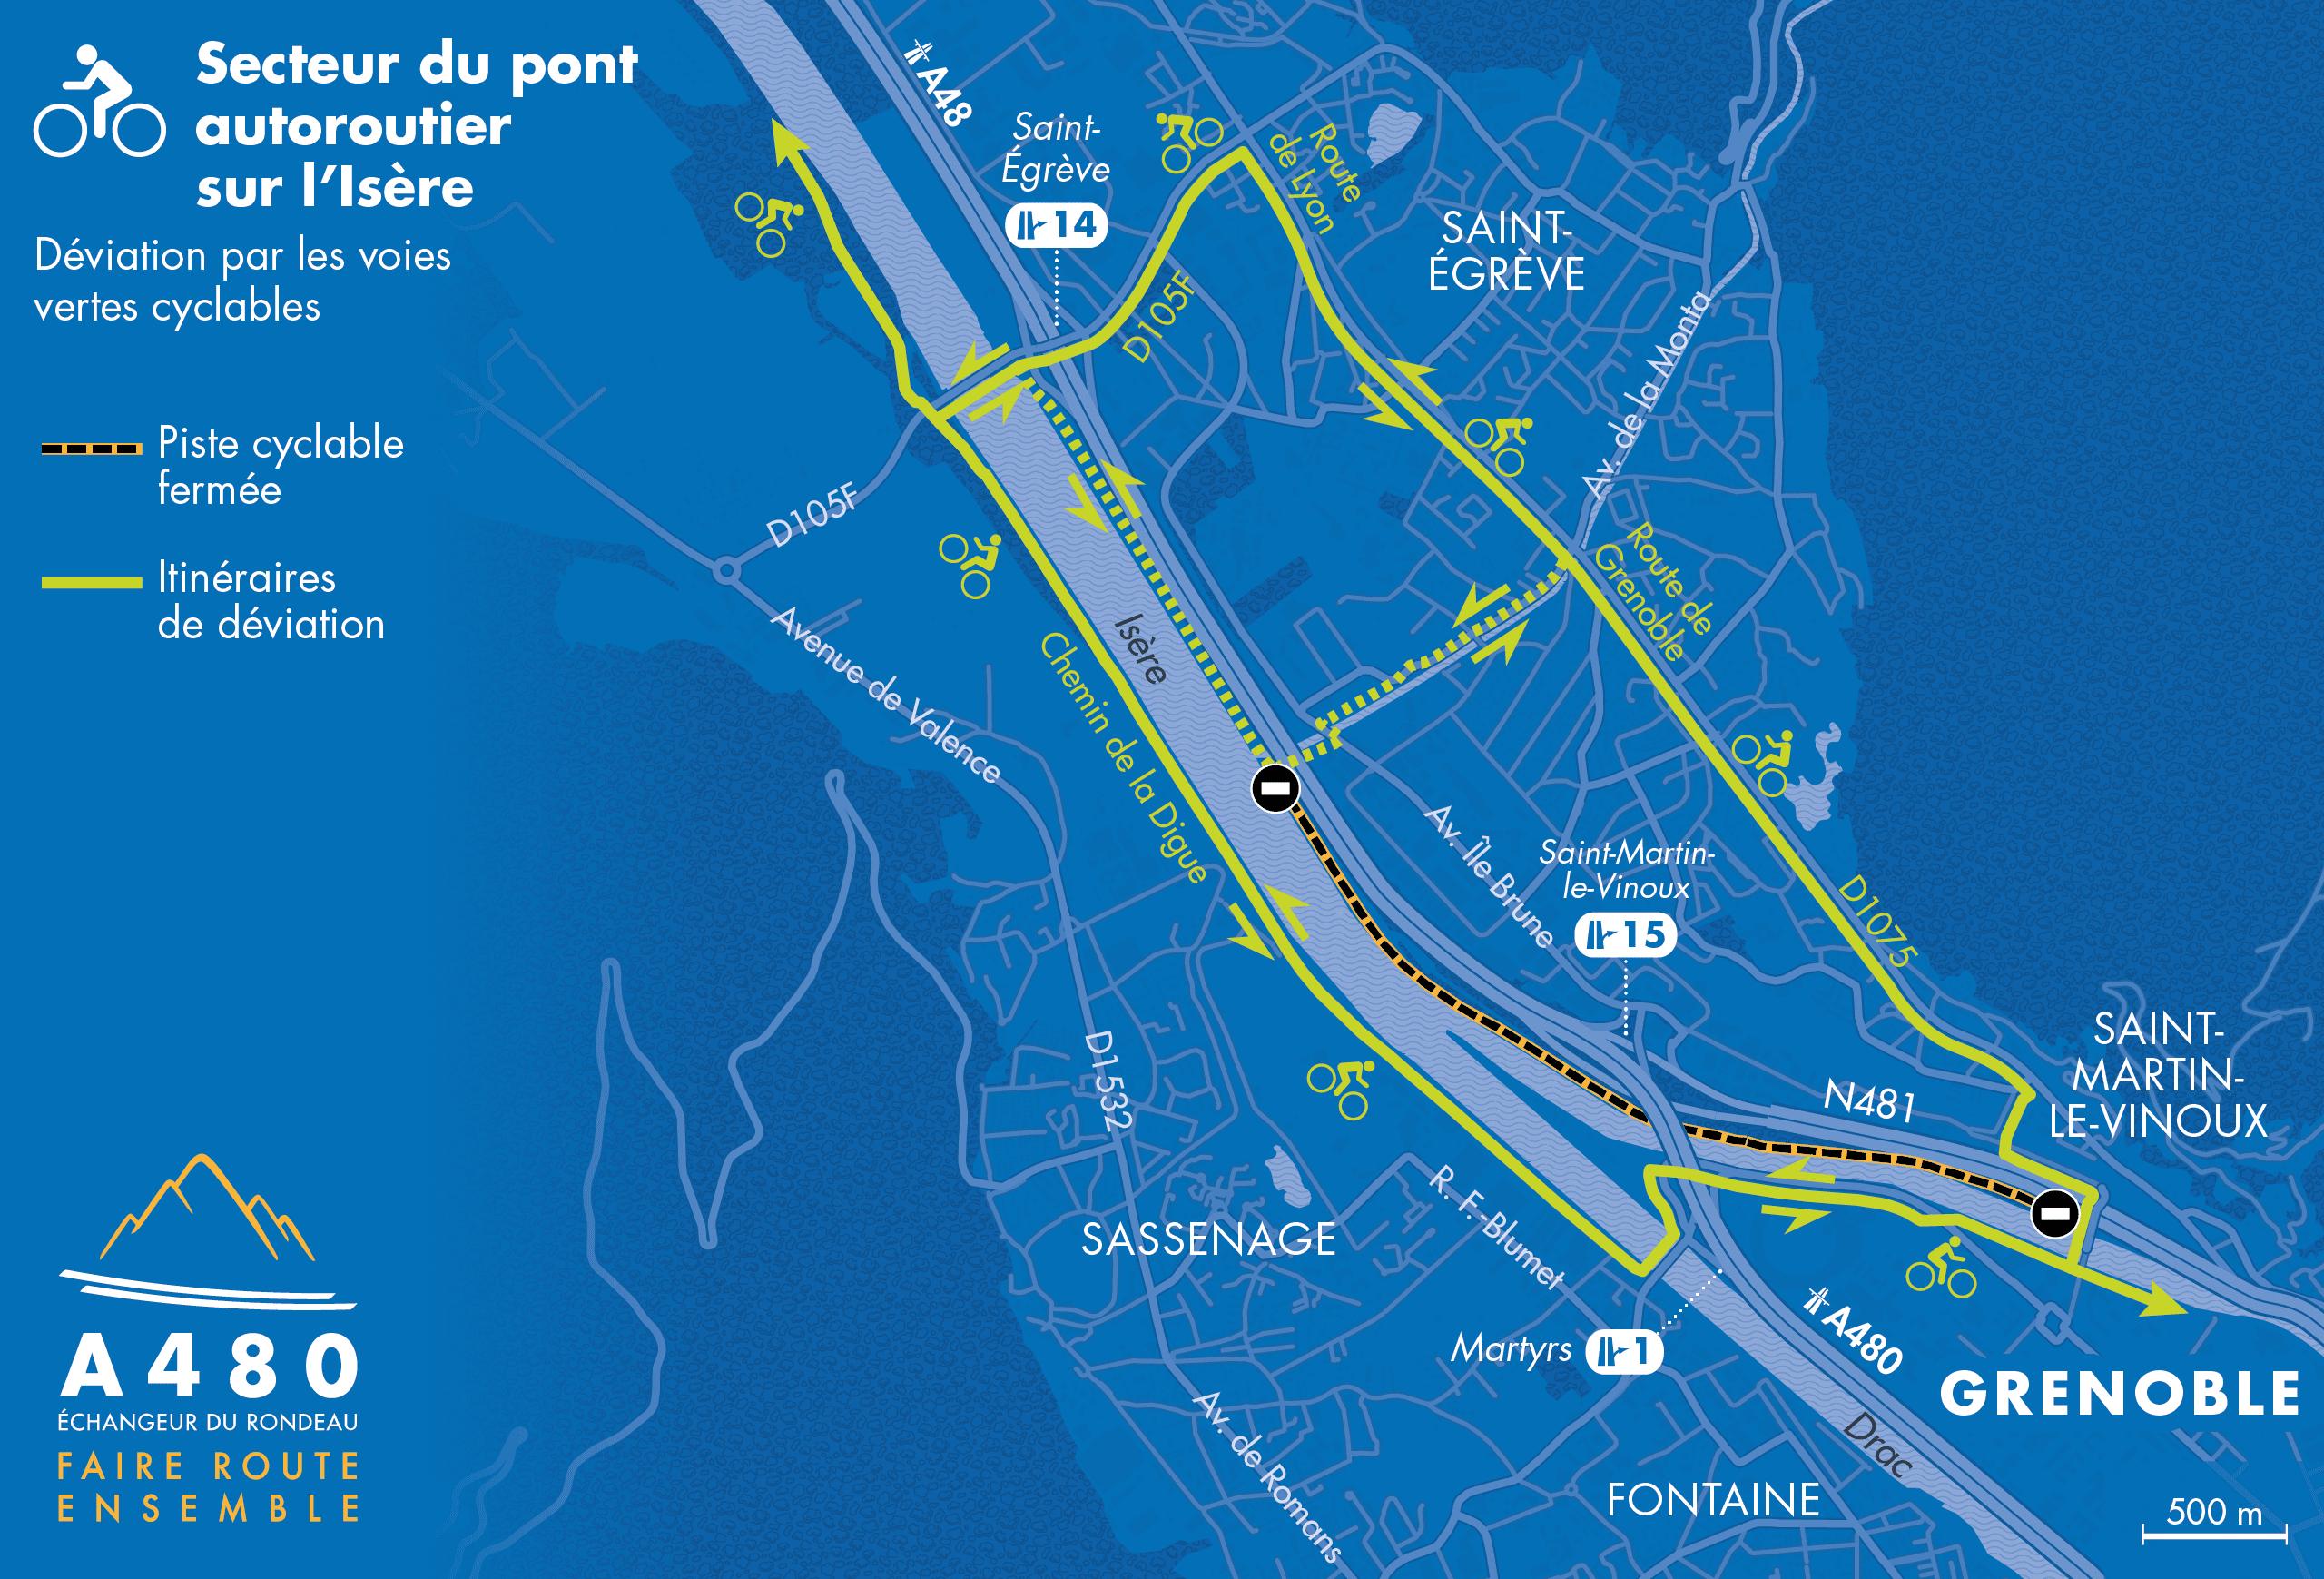 travaux de juin 2019 à mai 2020 du le pont autoroutier sur l'Isère